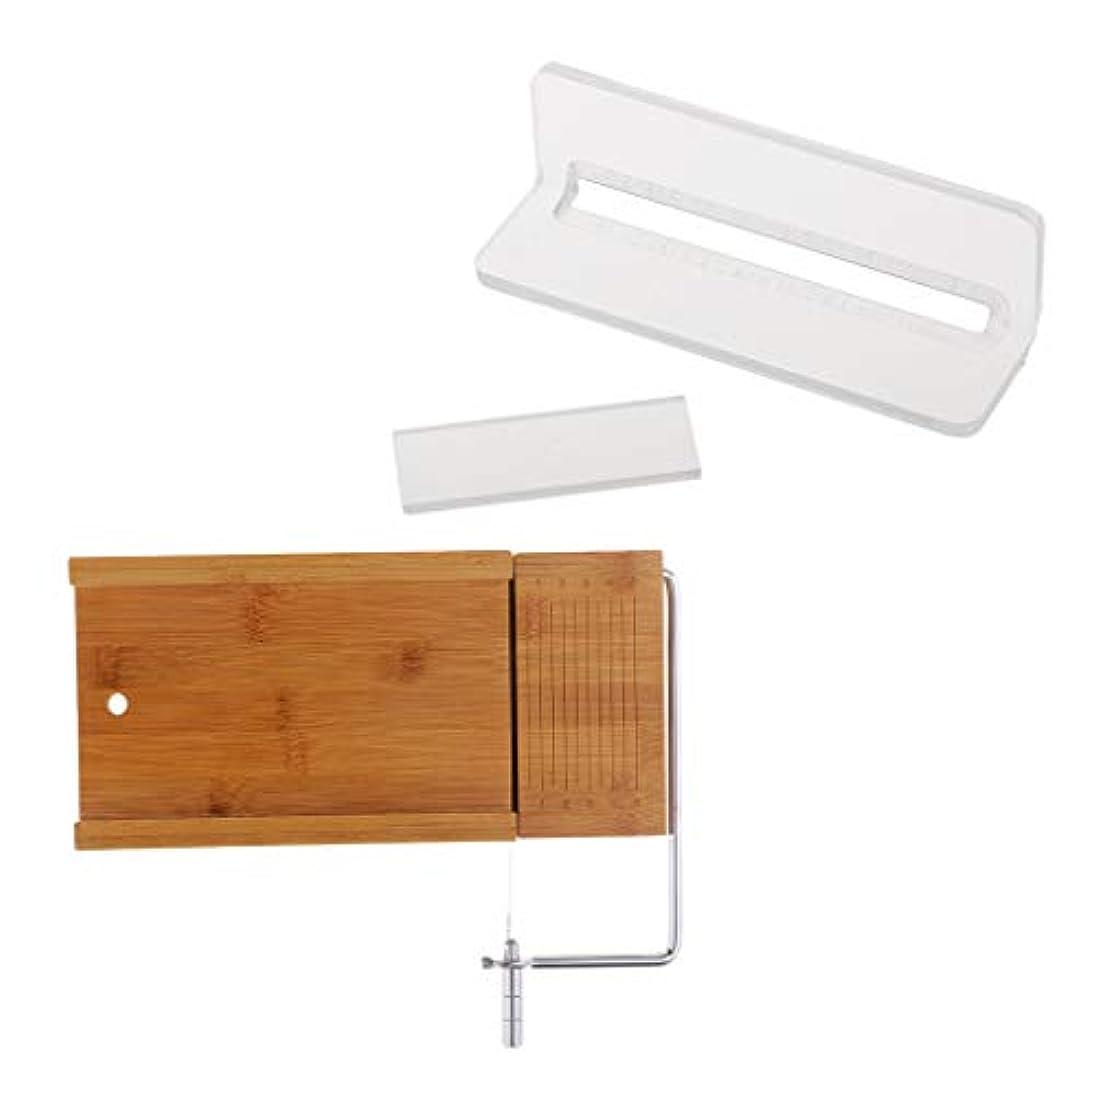 配分比率と組むdailymall 木製石鹸カッタースライサーベベラープレーナー手作り石鹸切削工具を作る